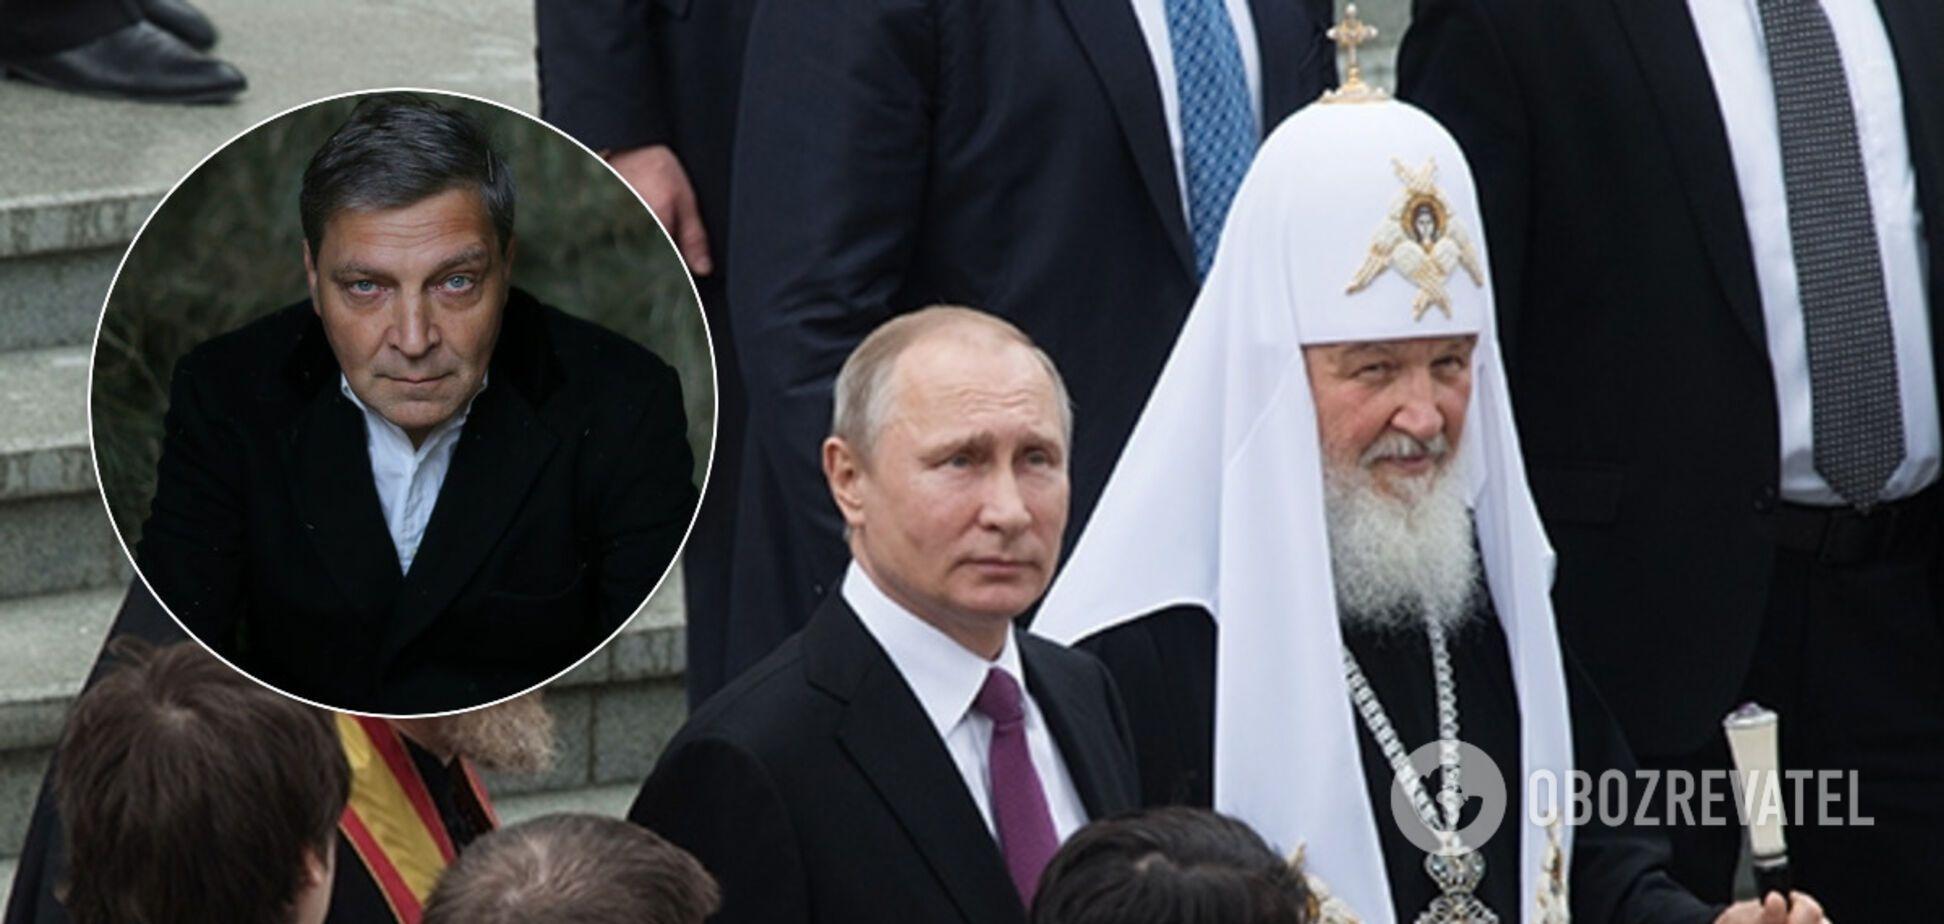 'Якщо вже пішла така п'янка...' Невзоров жорстко потролив Путіна через Бога в конституції